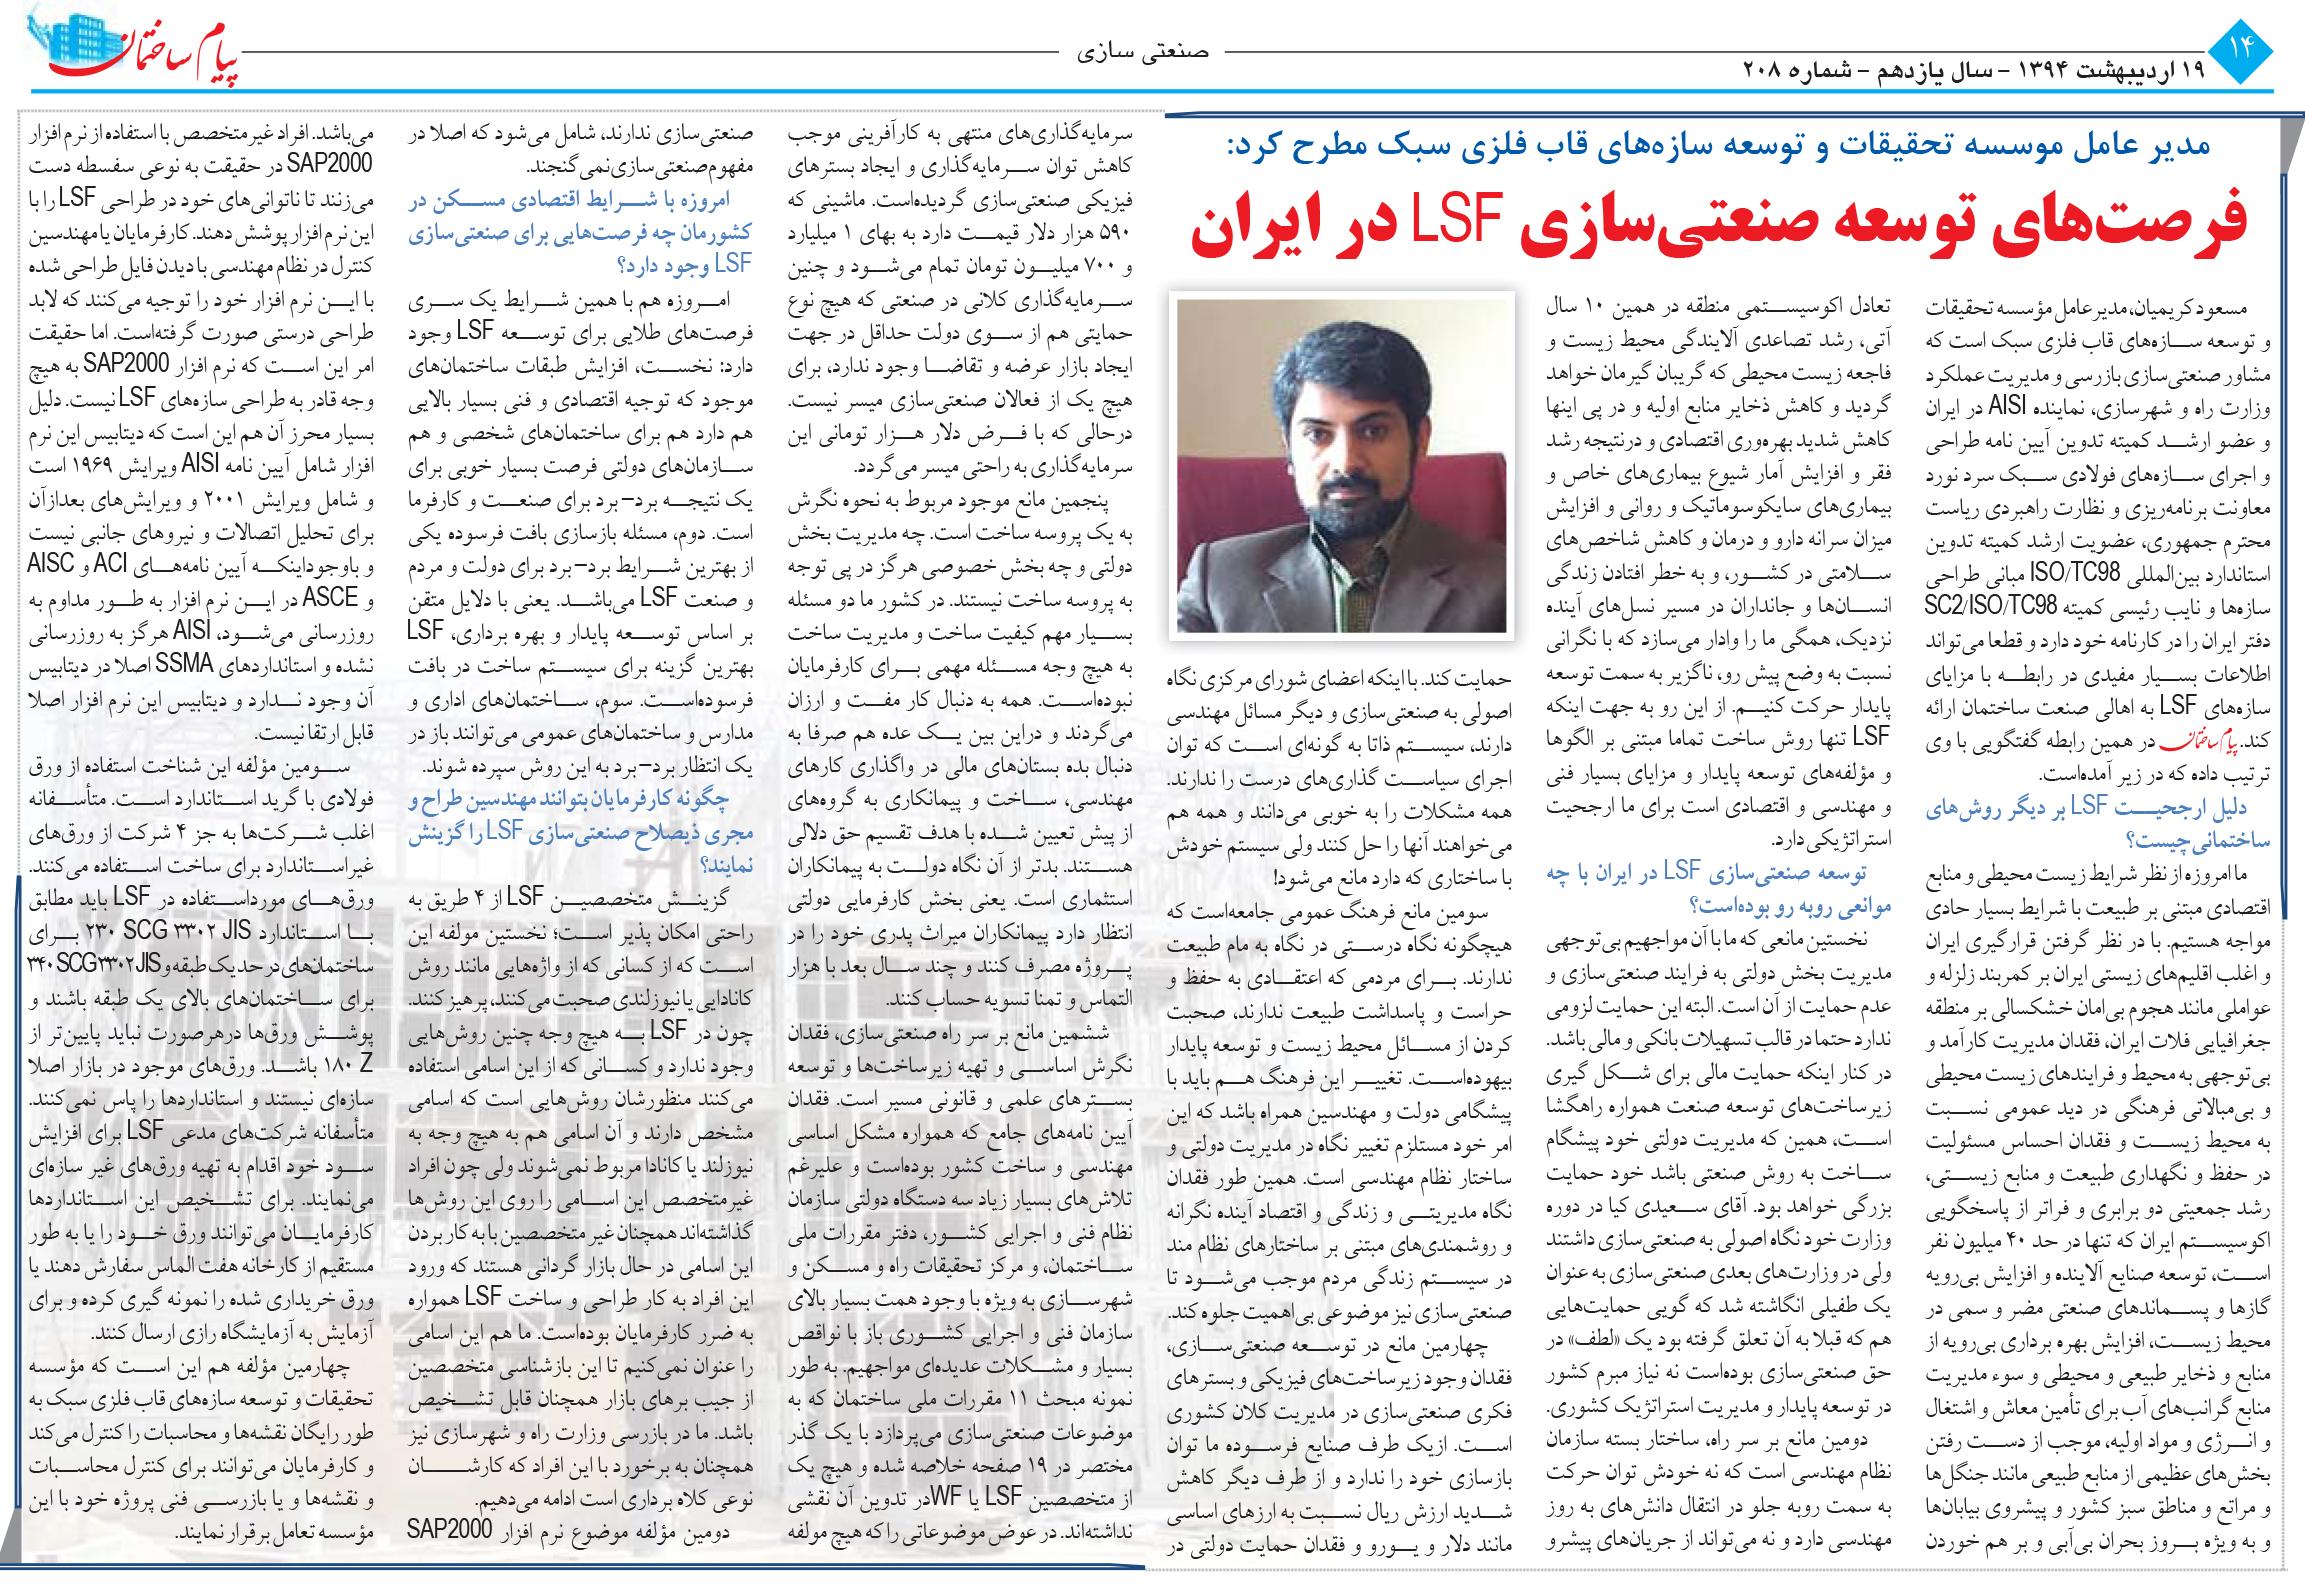 فرصت های صنعتی سازی lsf در ایران